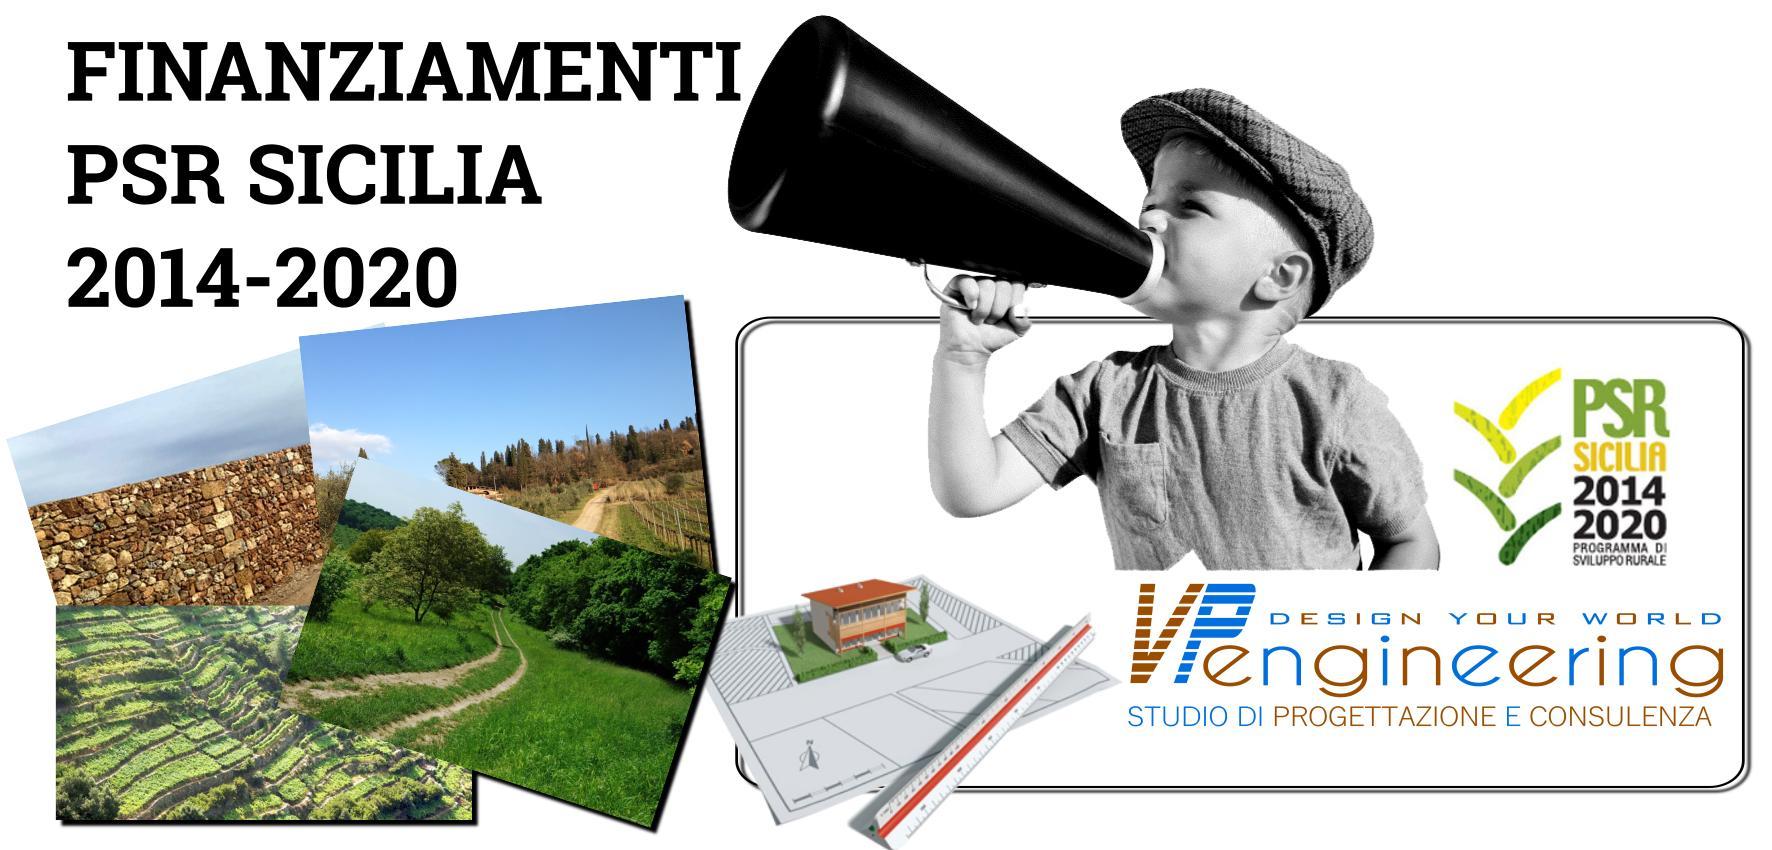 Finanziamenti PSR Sicilia 2014-2020